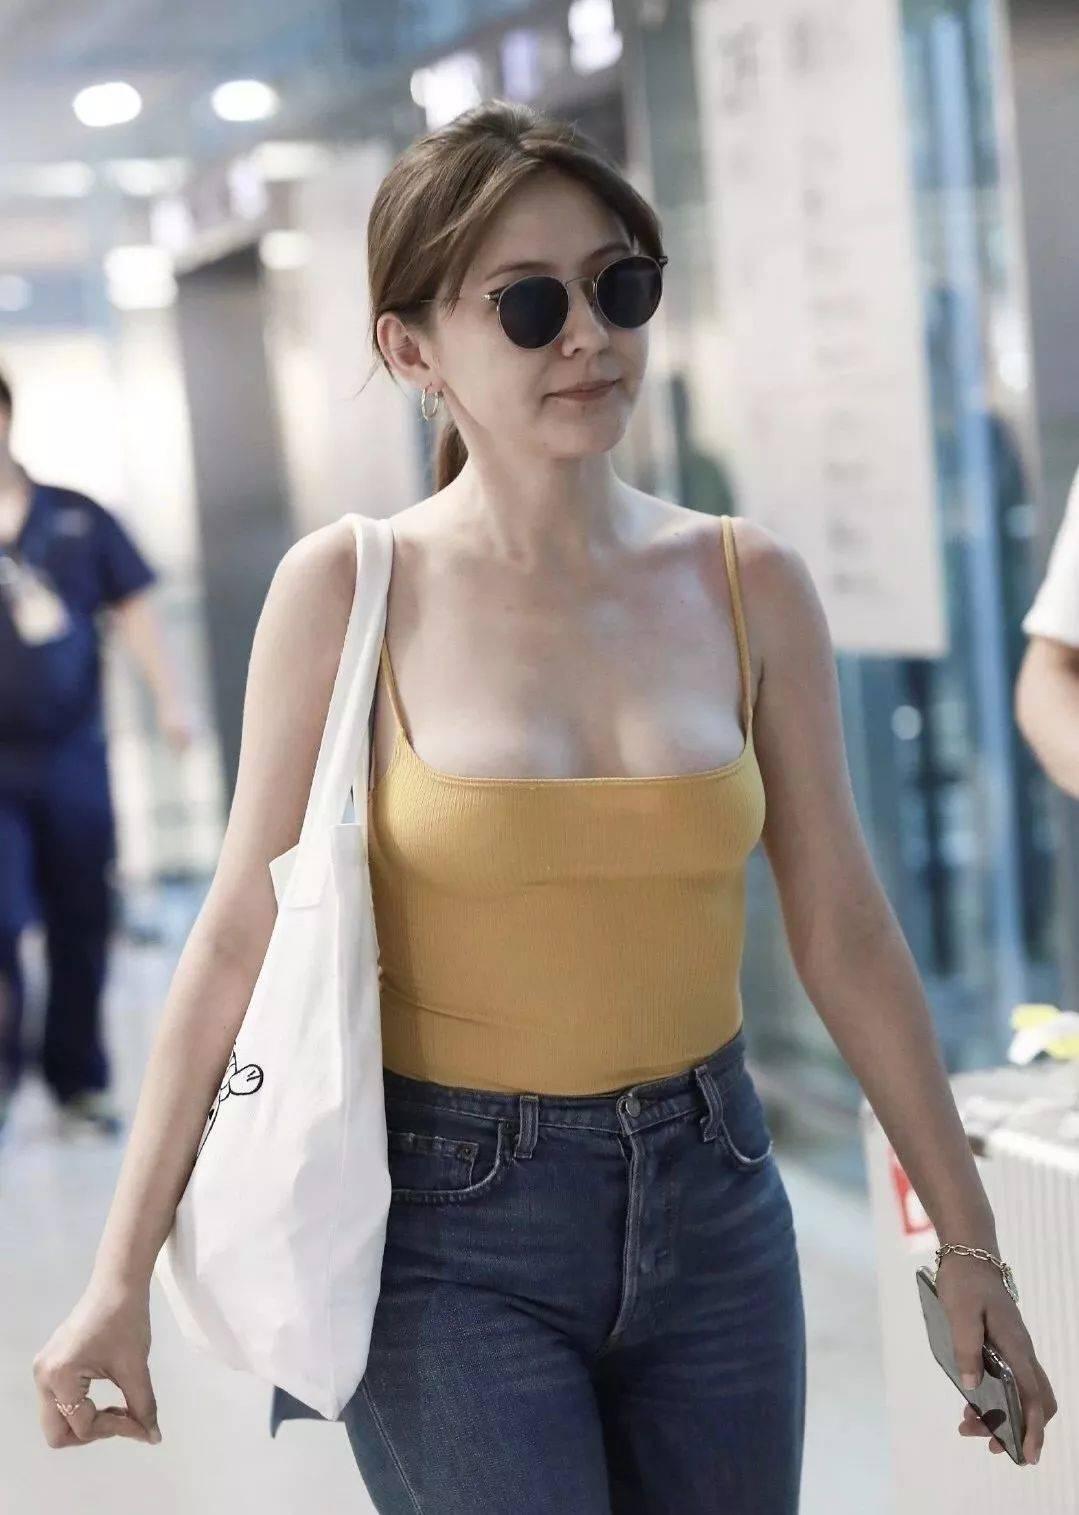 2019年了她们还因为穿衣尺度被骂,女明星到底应该怎么穿啊?